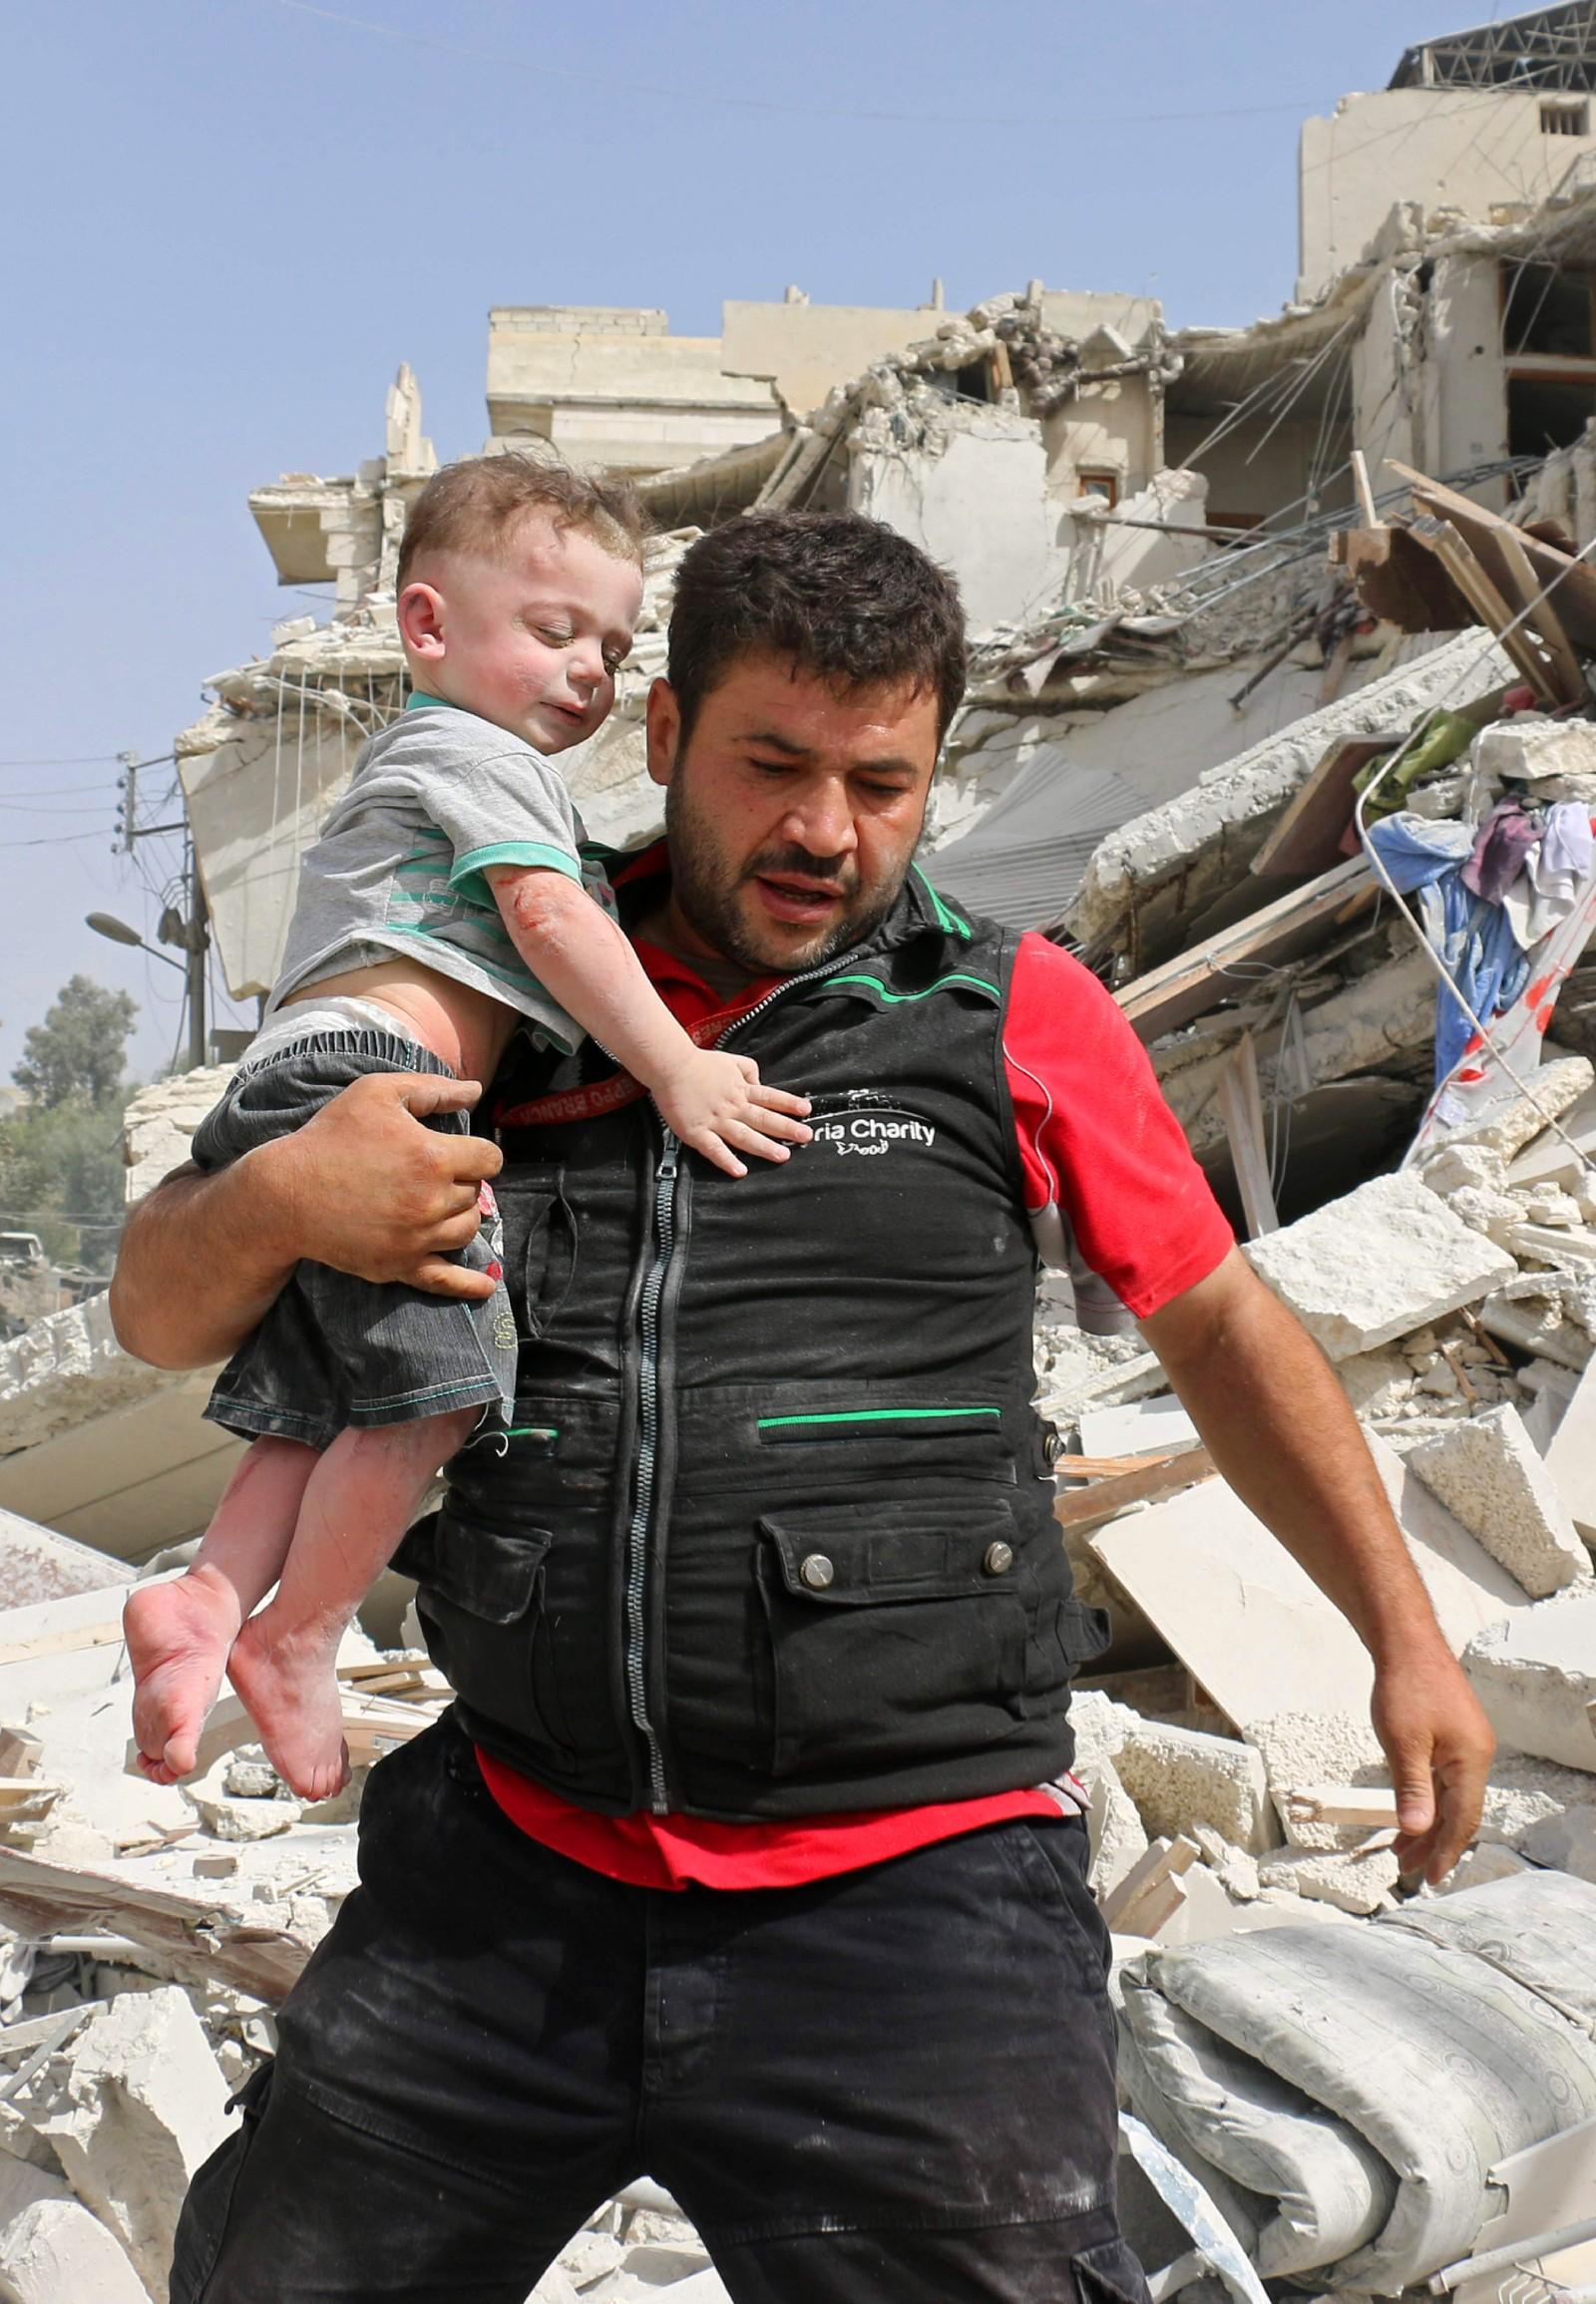 Det virker som det gikk bra denne gangen. En syrisk mann har reddet et lite barn ut fra ruinene av en bombet bygning i Aleppo den 21. september.